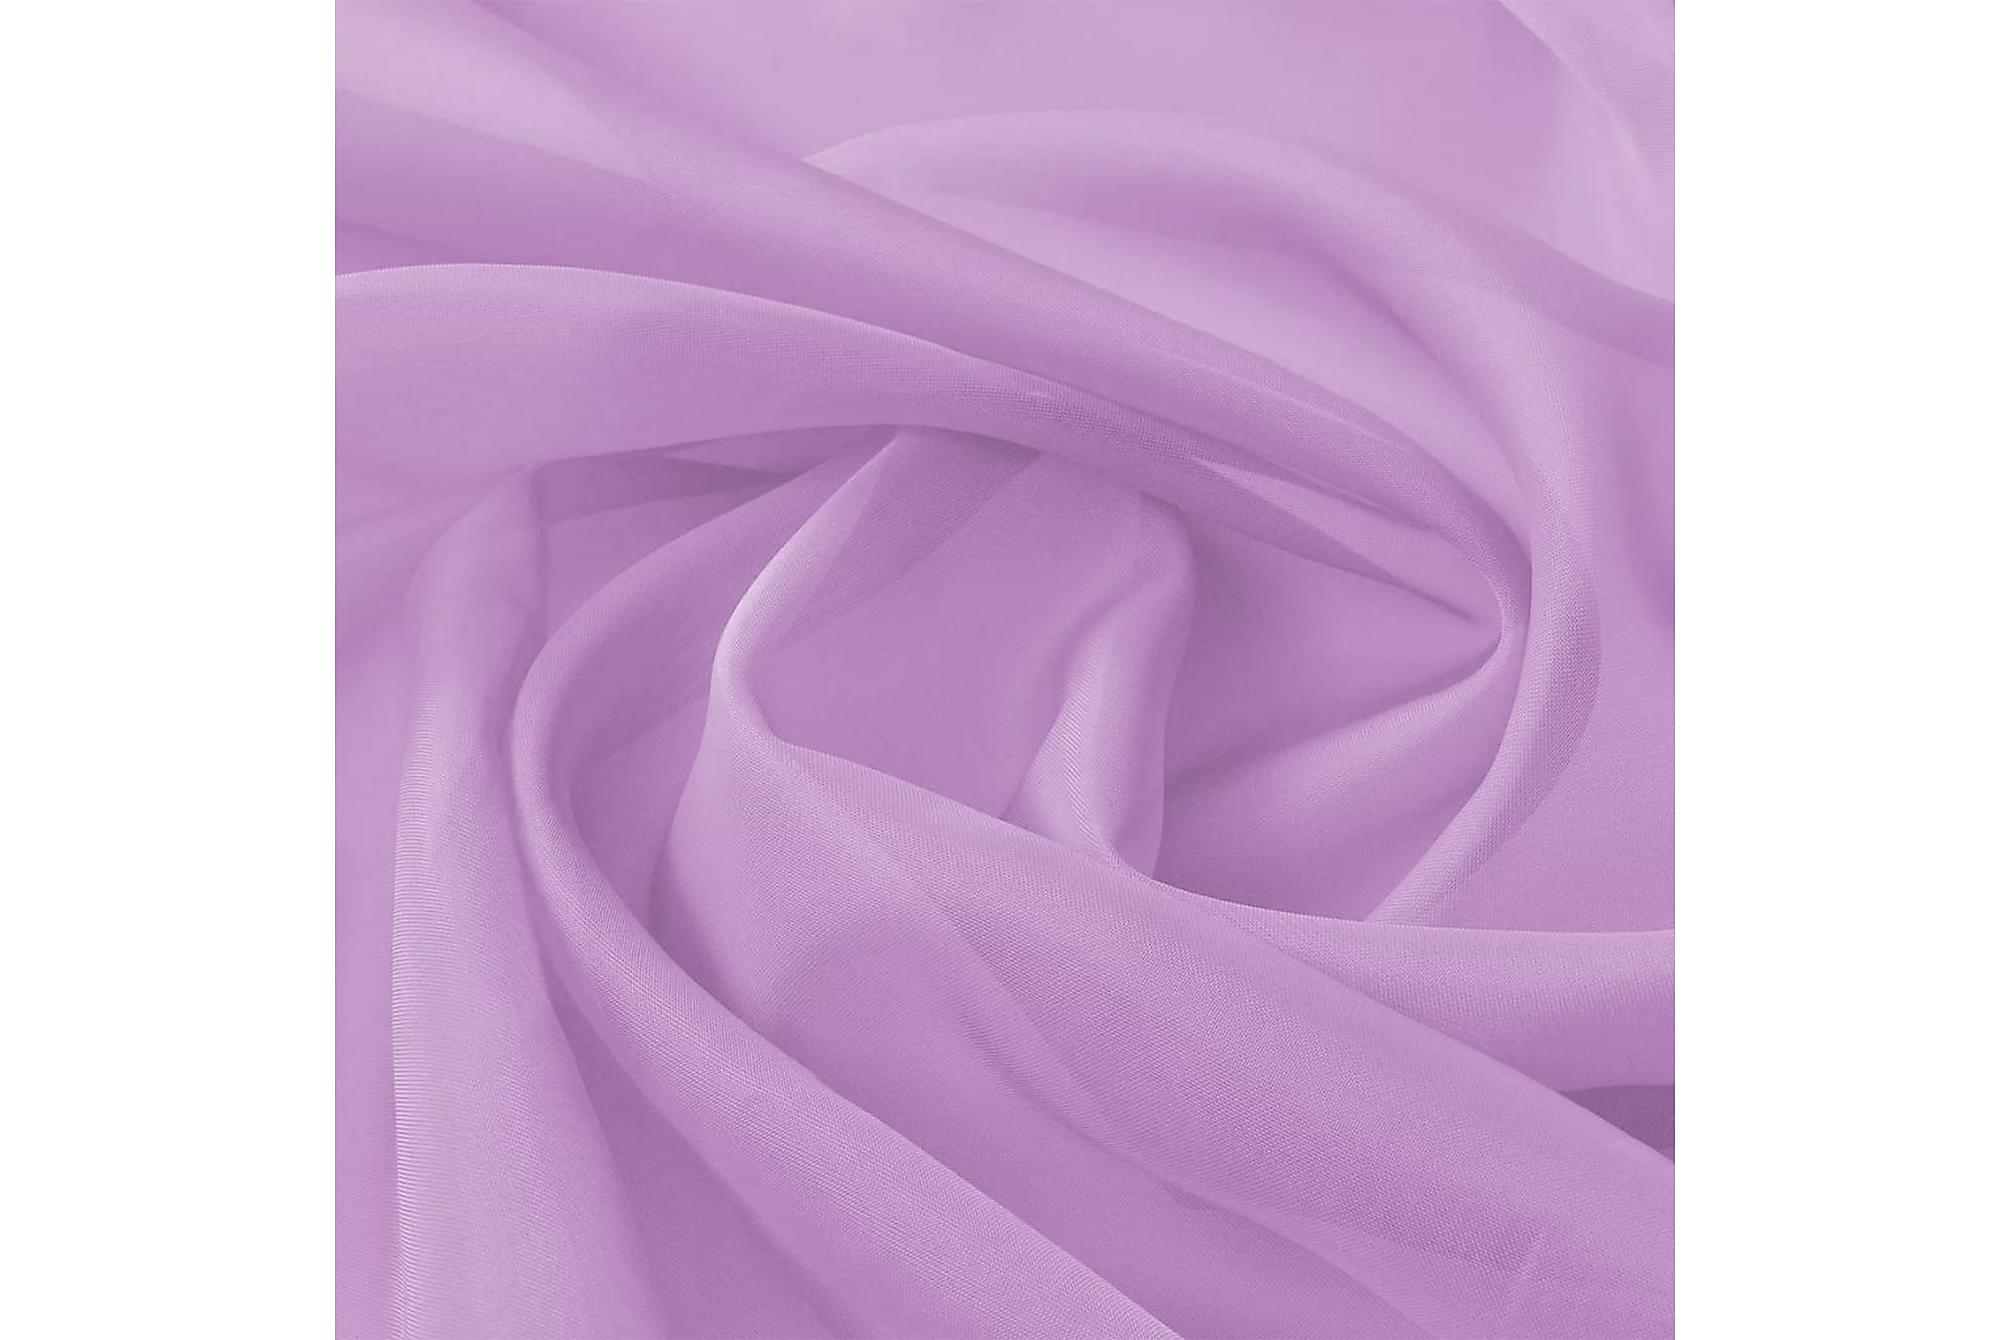 Voiletyg 1,45x20 m lila, Tyg